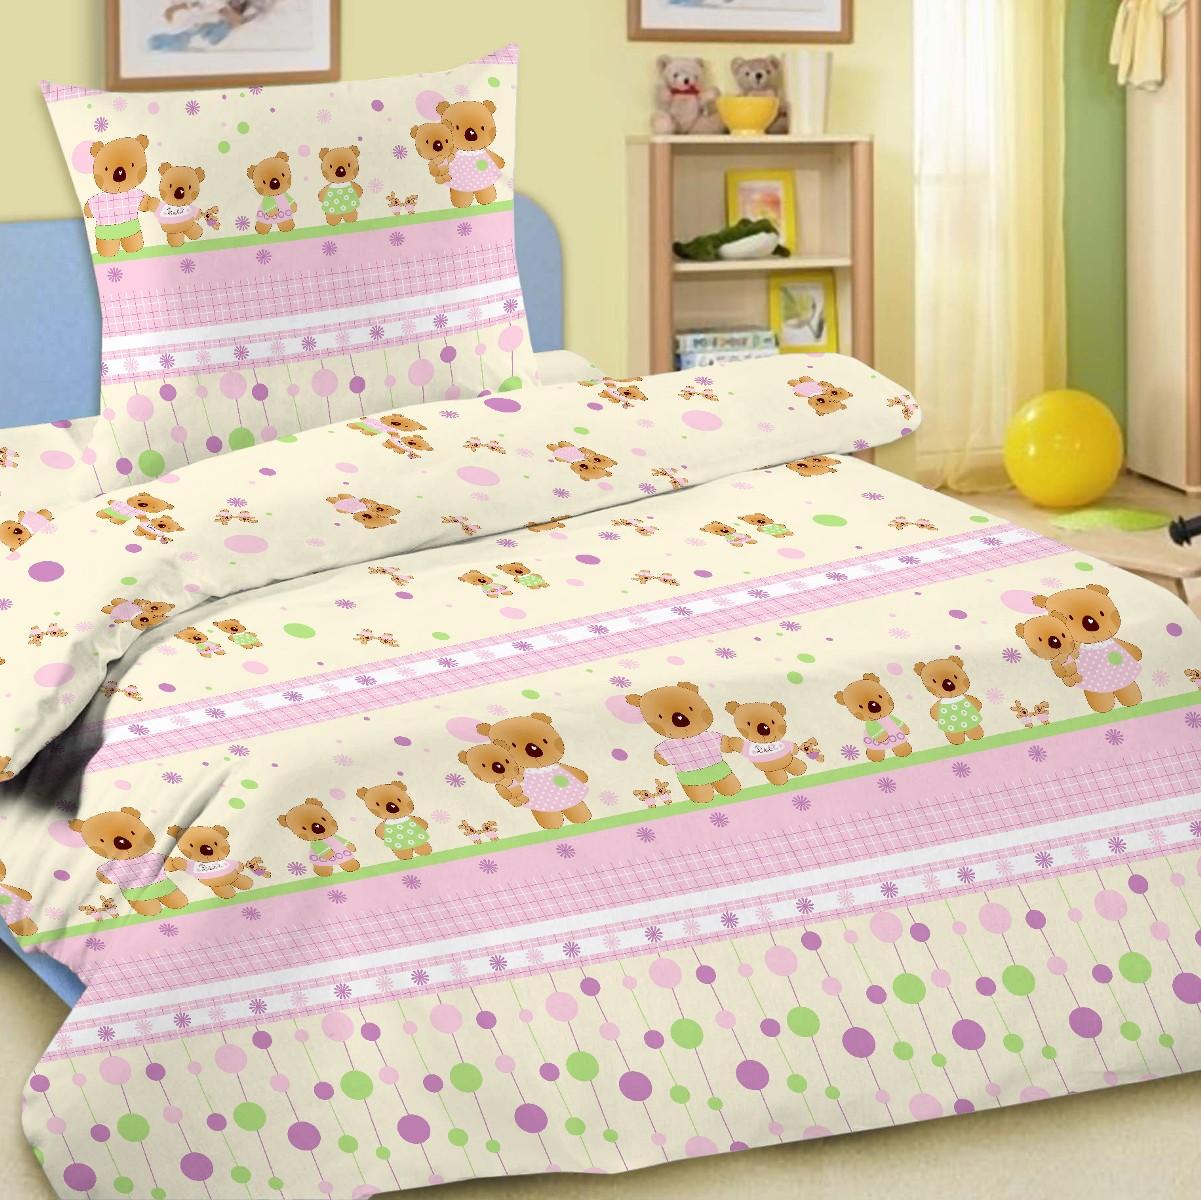 Letto Комплект белья для новорожденных Ясли простыня на резинке цвет розовый BGR-14 letto комплект белья для новорожденных ясли bgr 31